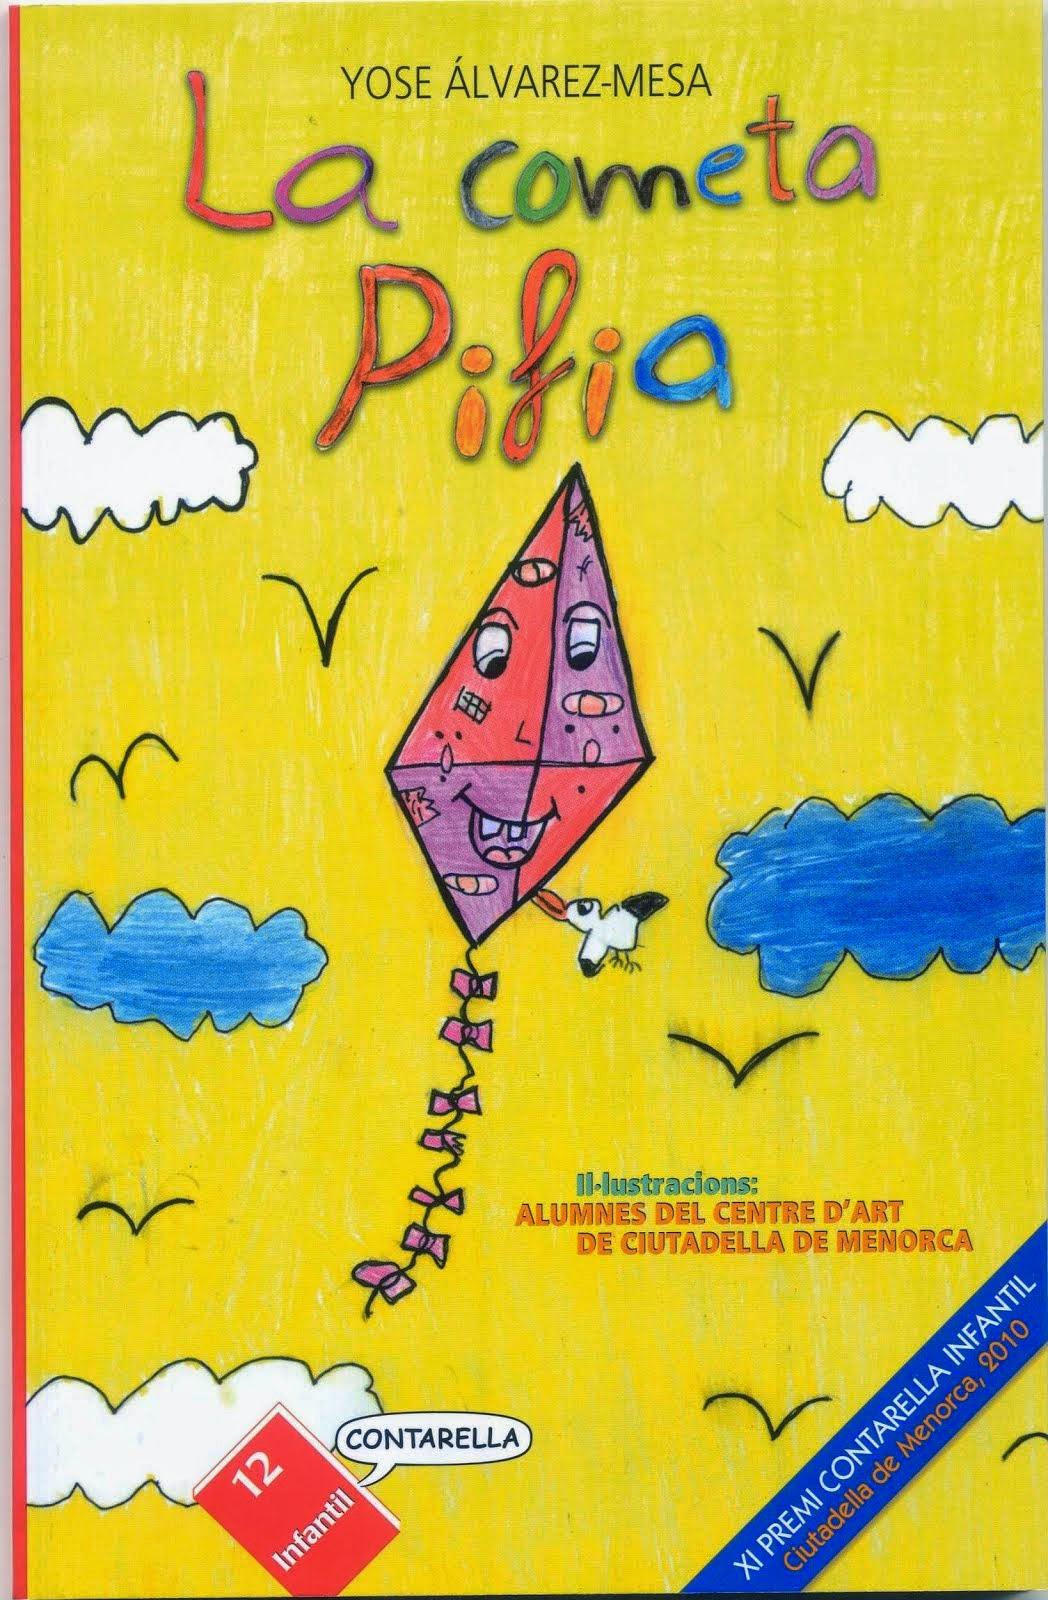 La cometa Pifia (cuento infantil ilustrado)